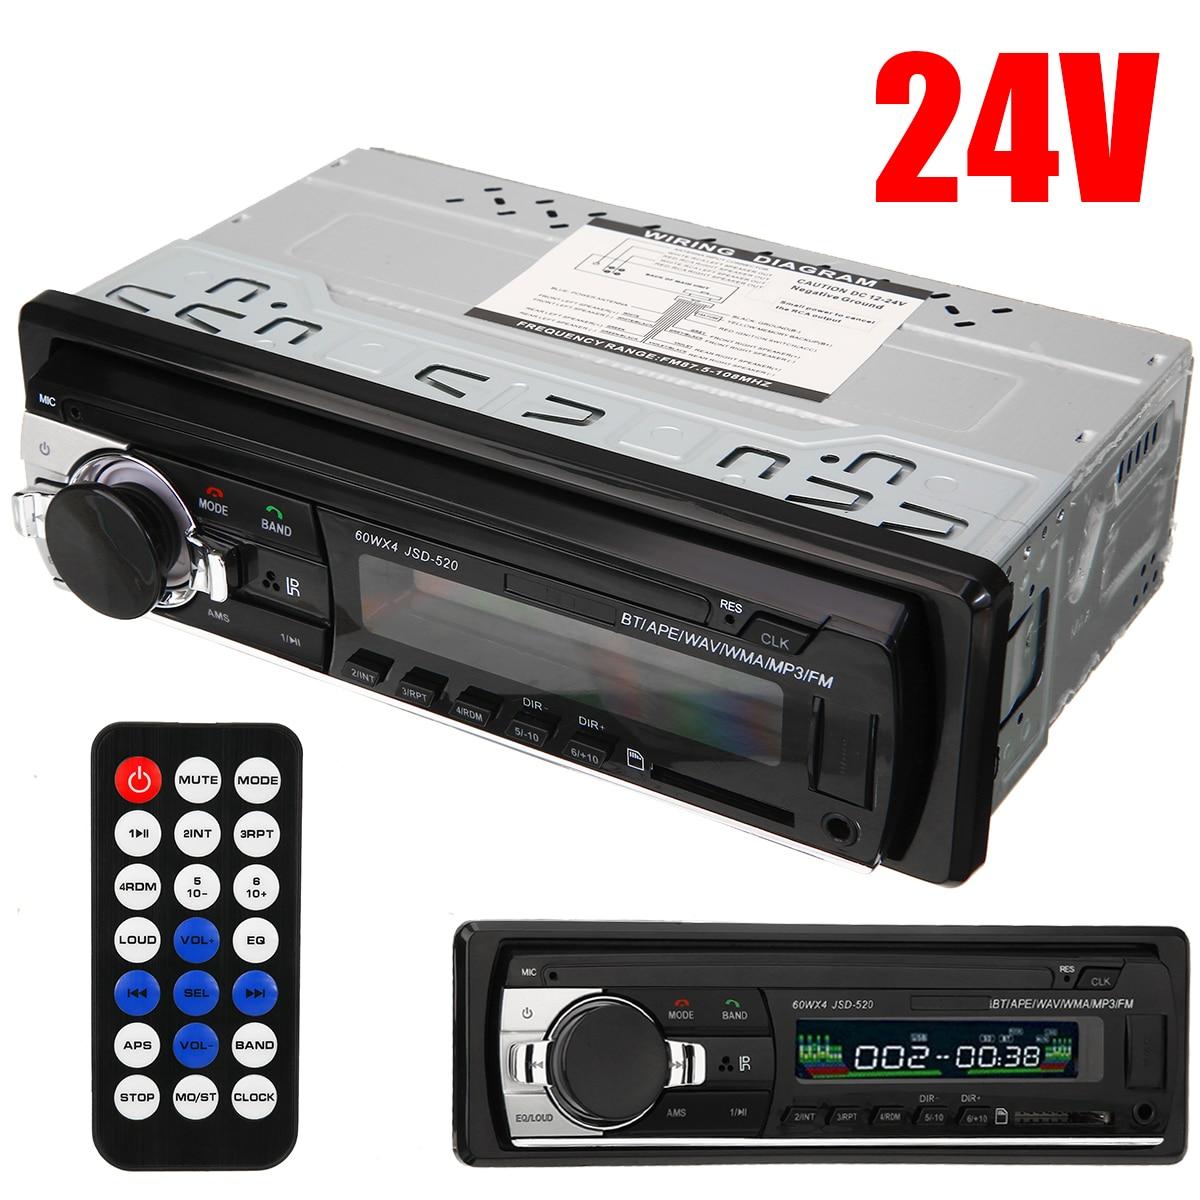 Цифровой Автомобильный MP3-плеер JSD-520 24 В с bluetooth, 60Wx4, FM-радио, стерео, аудио, USB/SD, поддержка MP3/WMA, часы с регулятором громкости, Mayitr